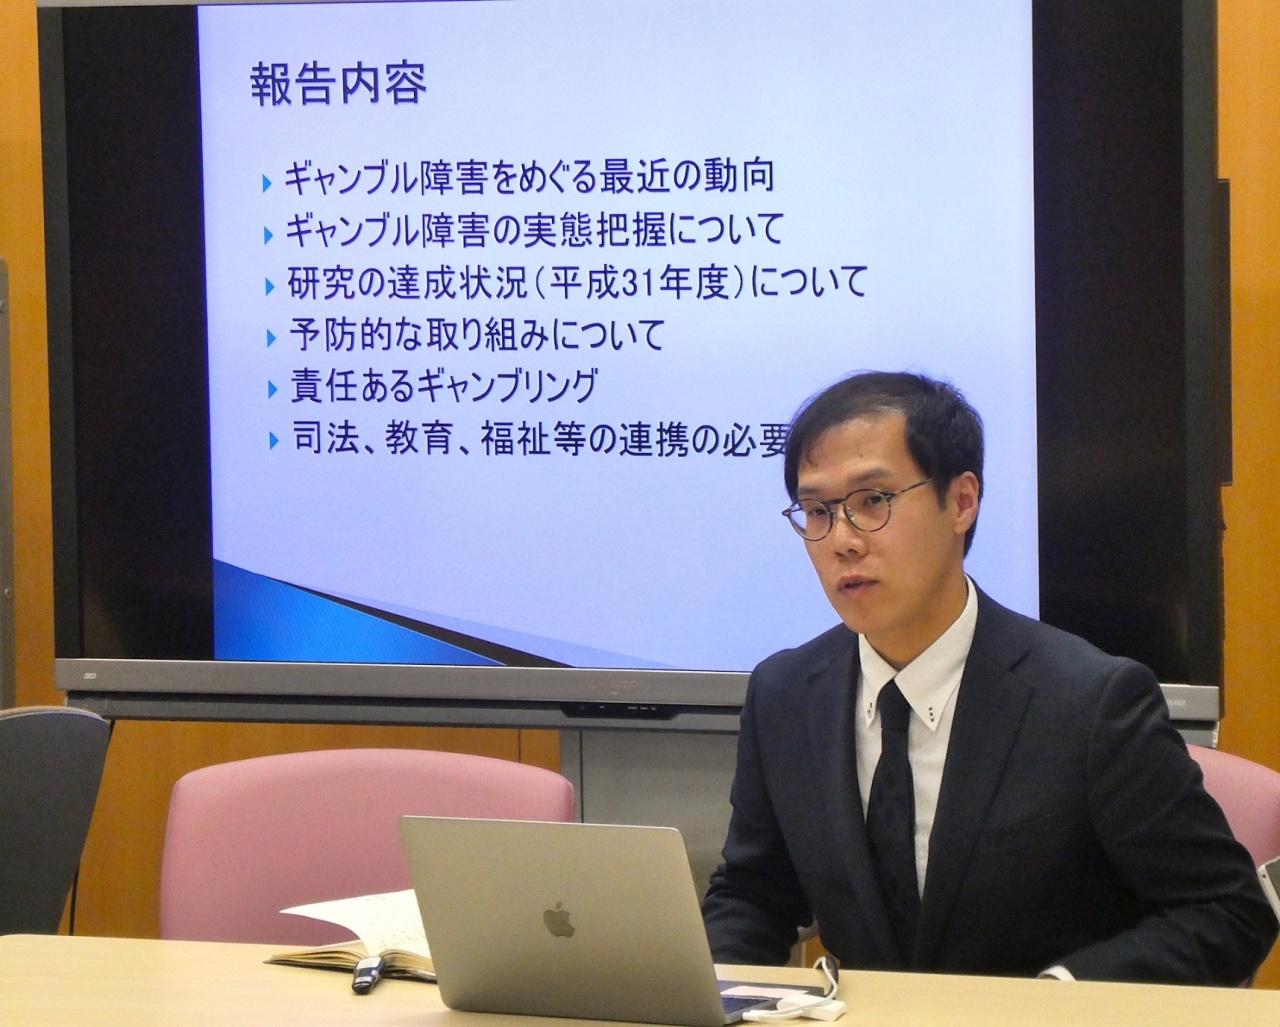 早川 明氏(NHK学園・教員/犯罪学研究センター「ギャンブル障害」ユニットメンバー)